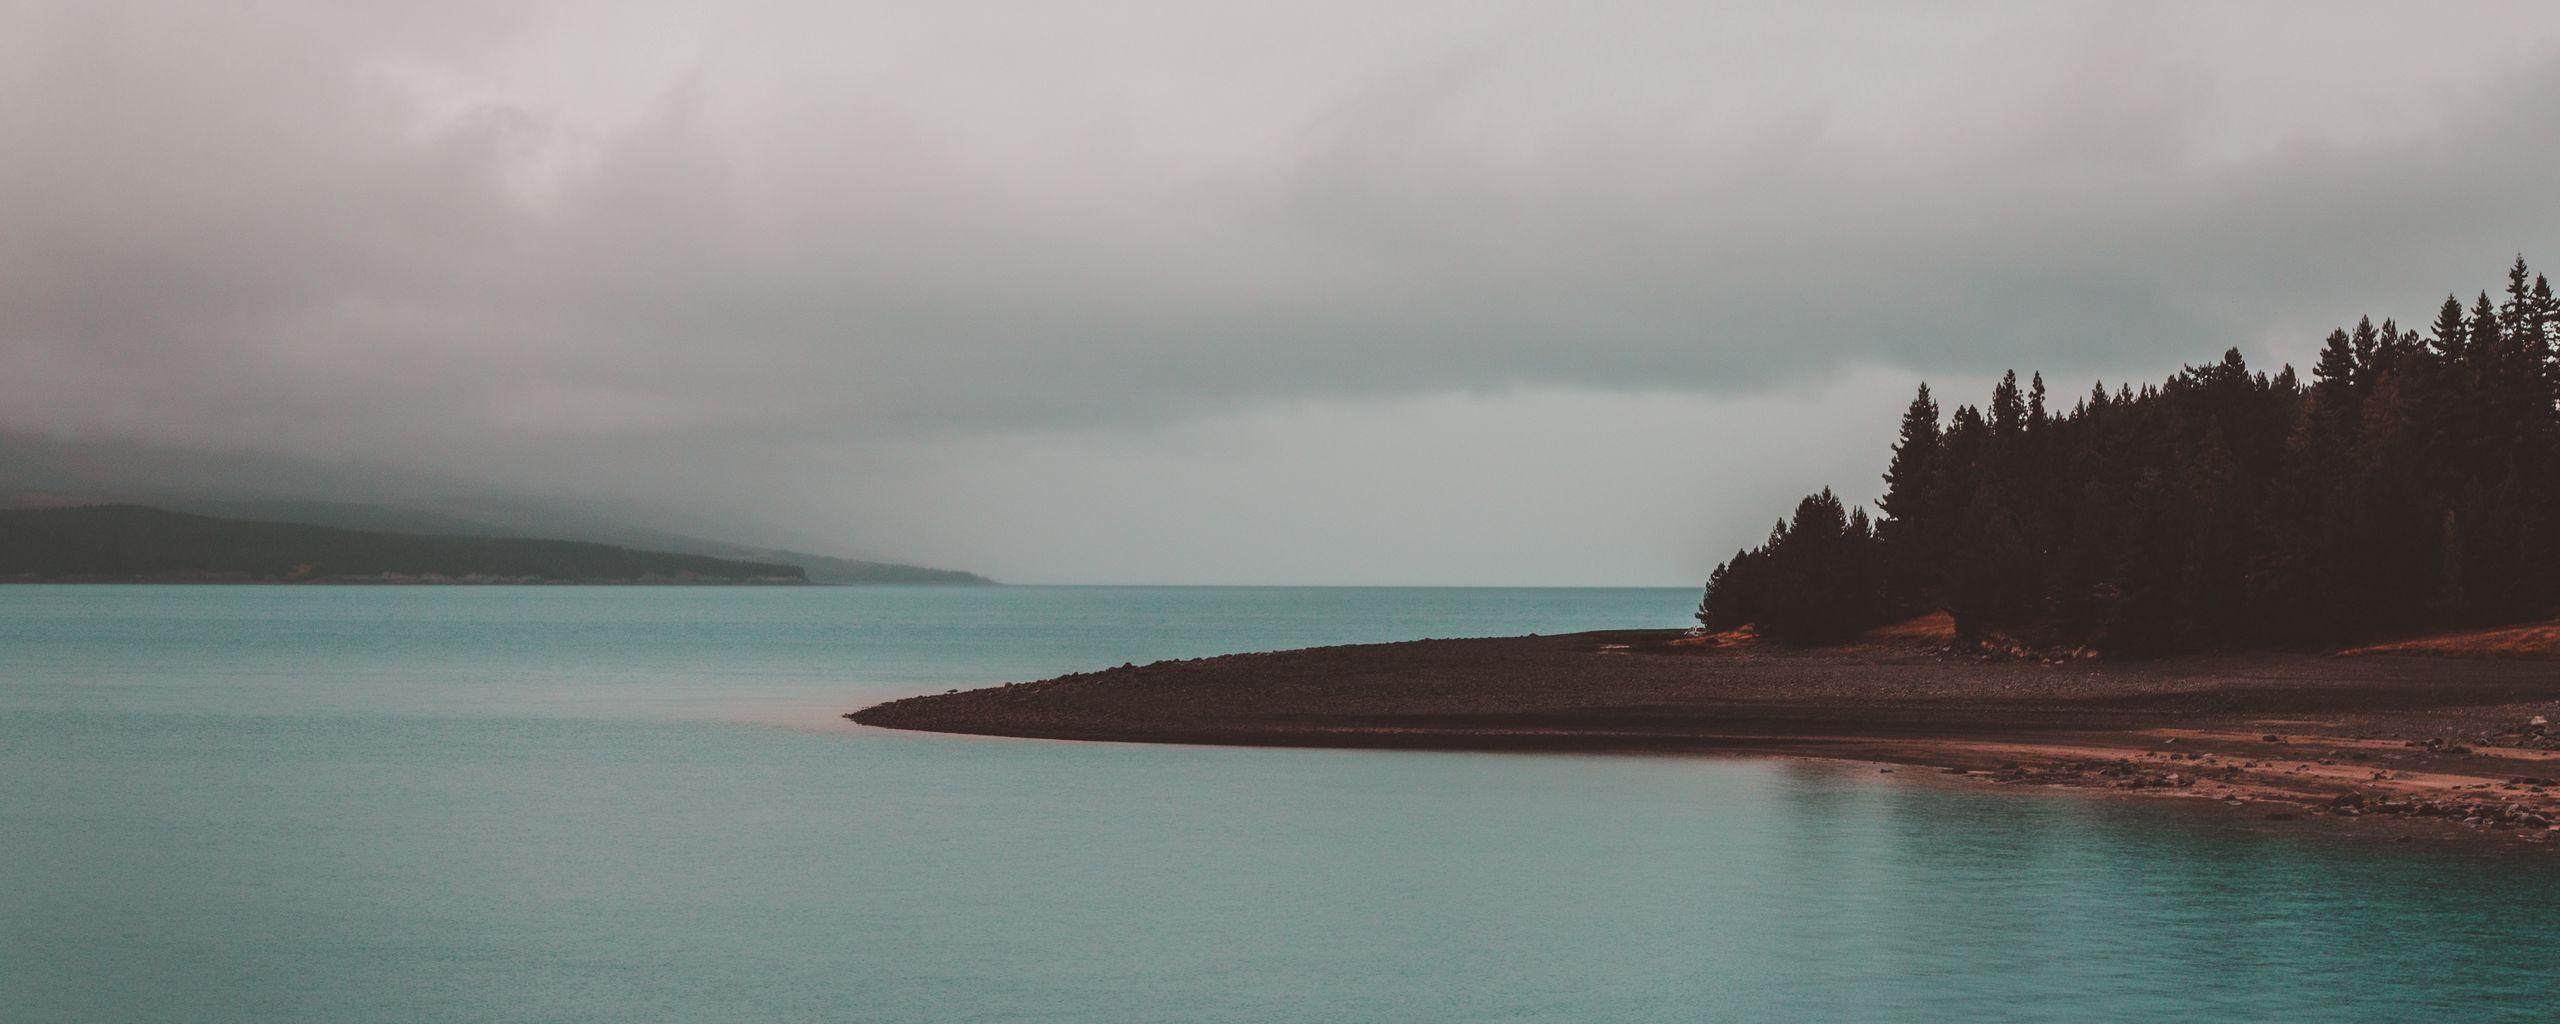 2560x1024 Wallpaper shore, trees, sea